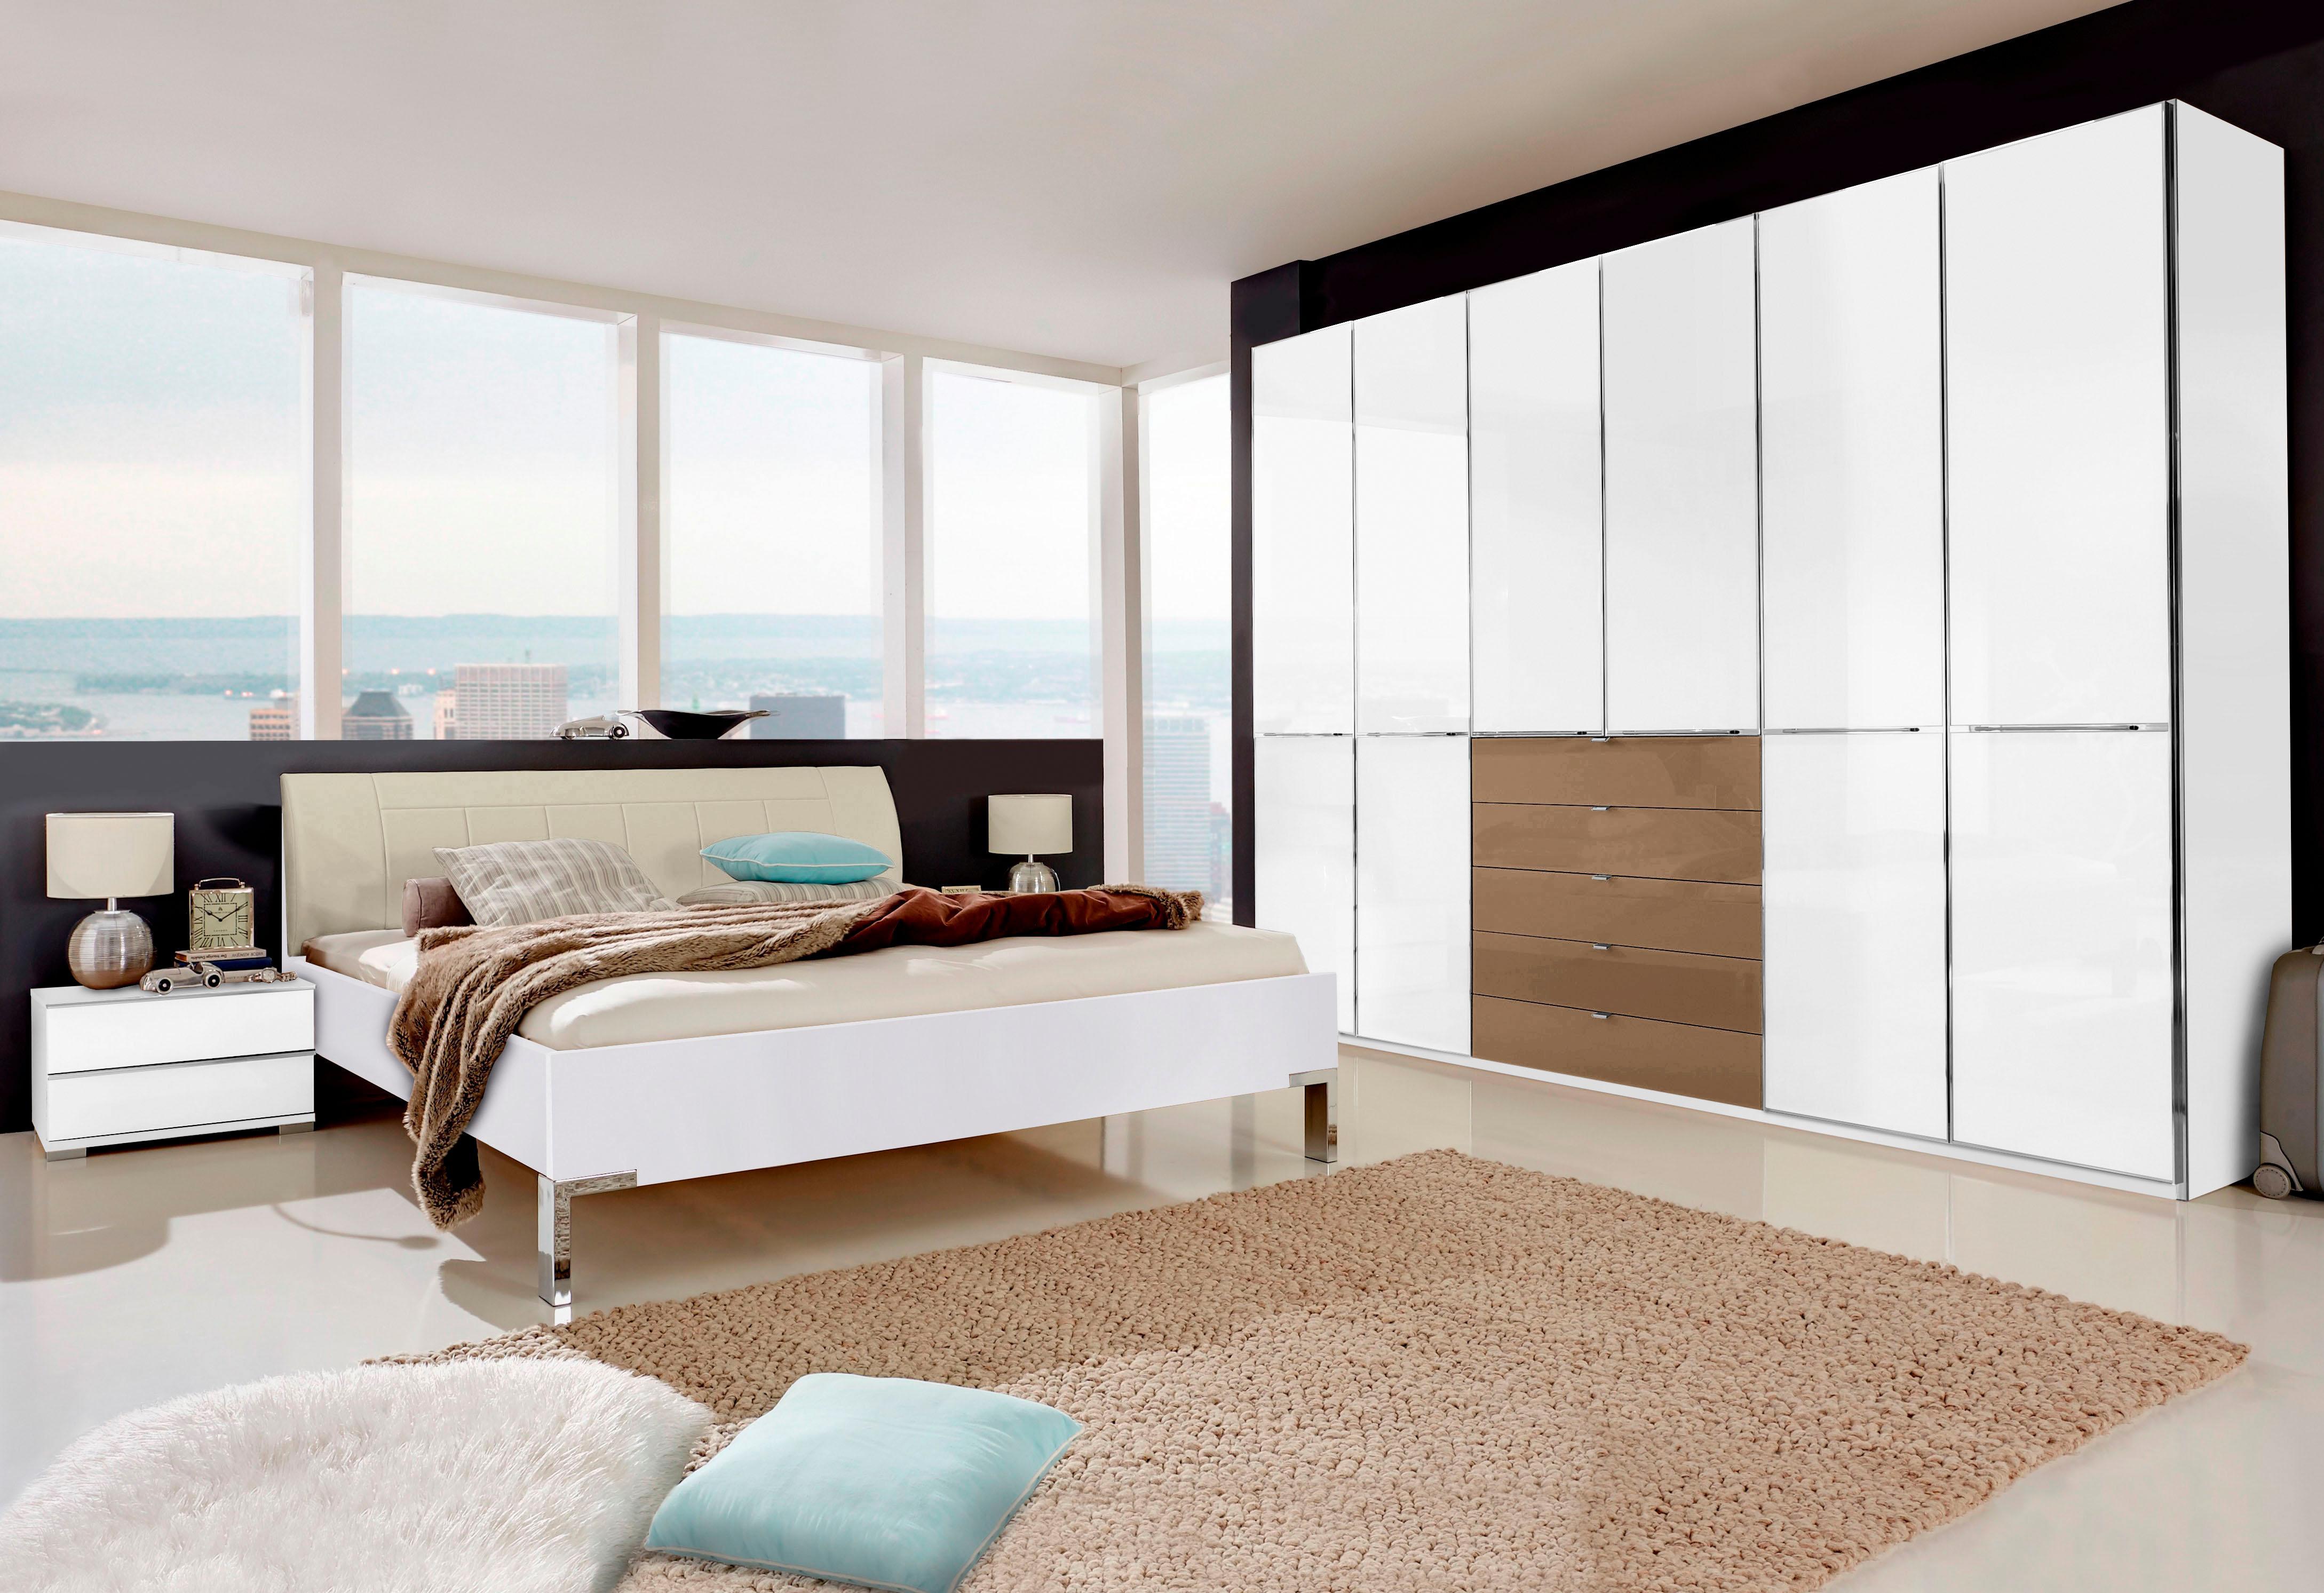 wiemann schlafzimmer set shanghai set 4 tlg auf. Black Bedroom Furniture Sets. Home Design Ideas